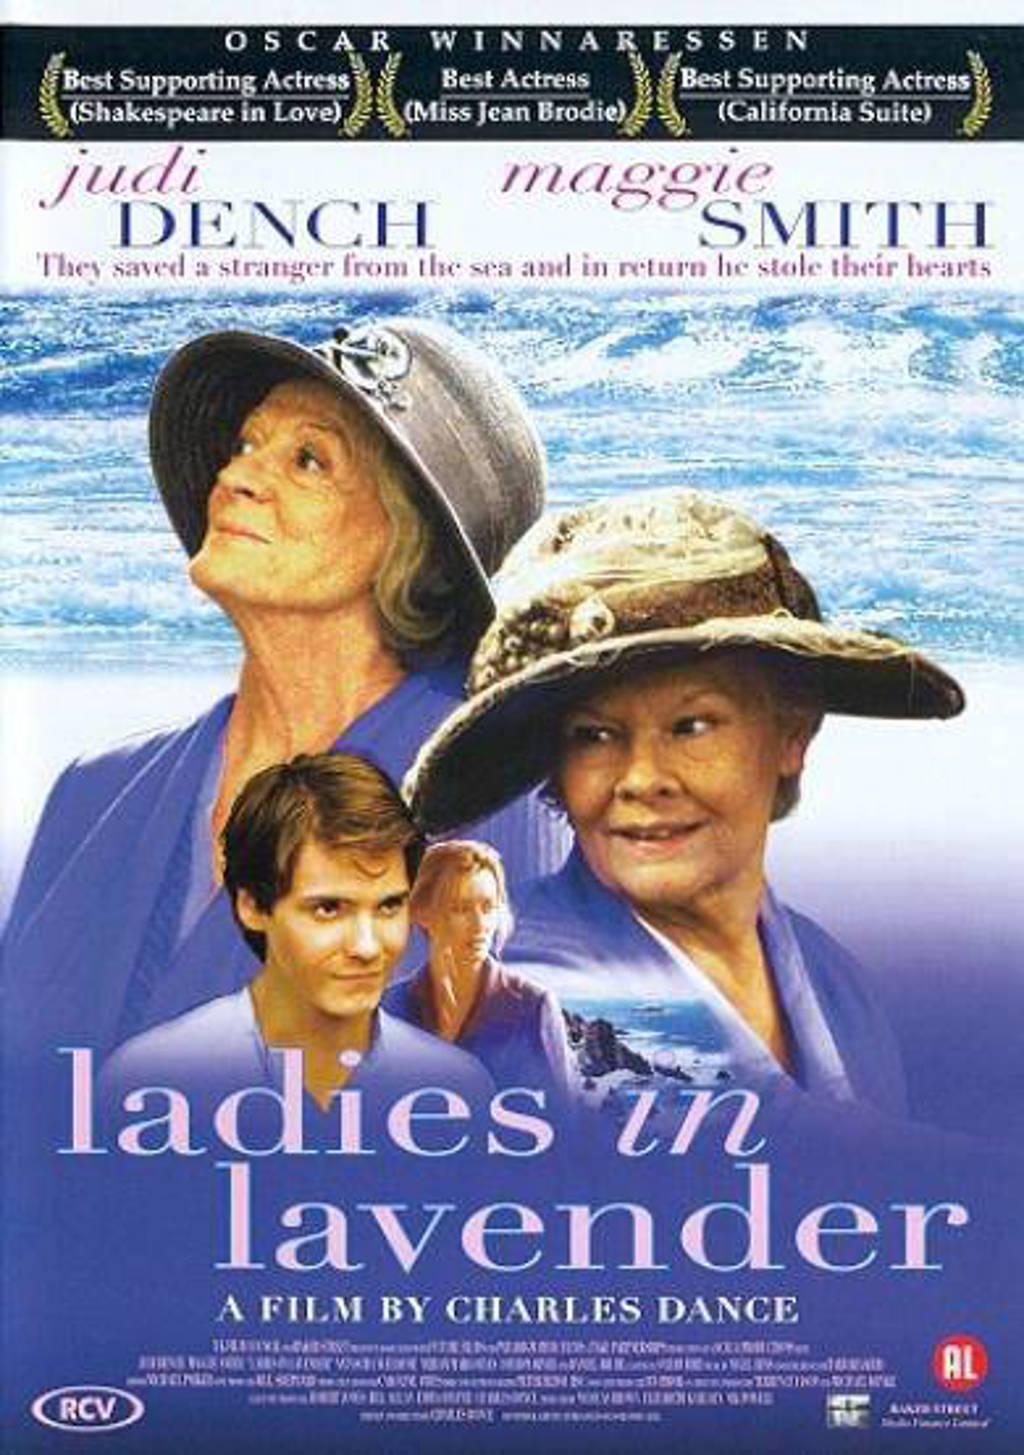 Ladies in lavender (DVD)